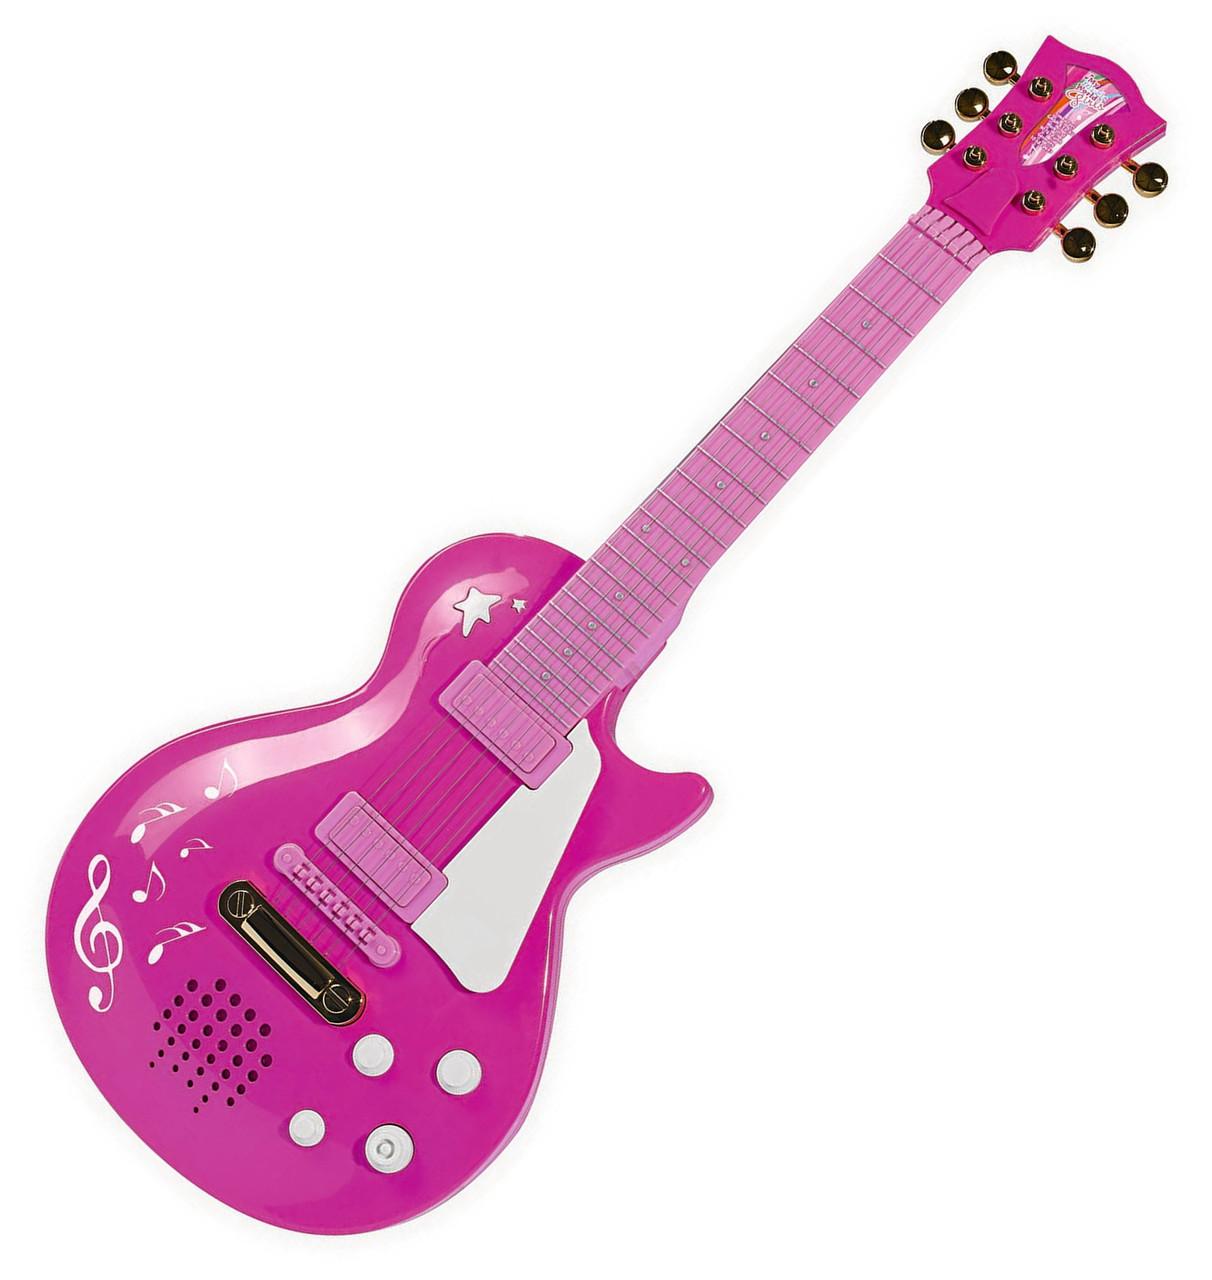 """Детский музыкальный инструмент «Simba» (6830693) электронная гитара """"Девичий стиль"""" с металлическими струнами, 56 см"""